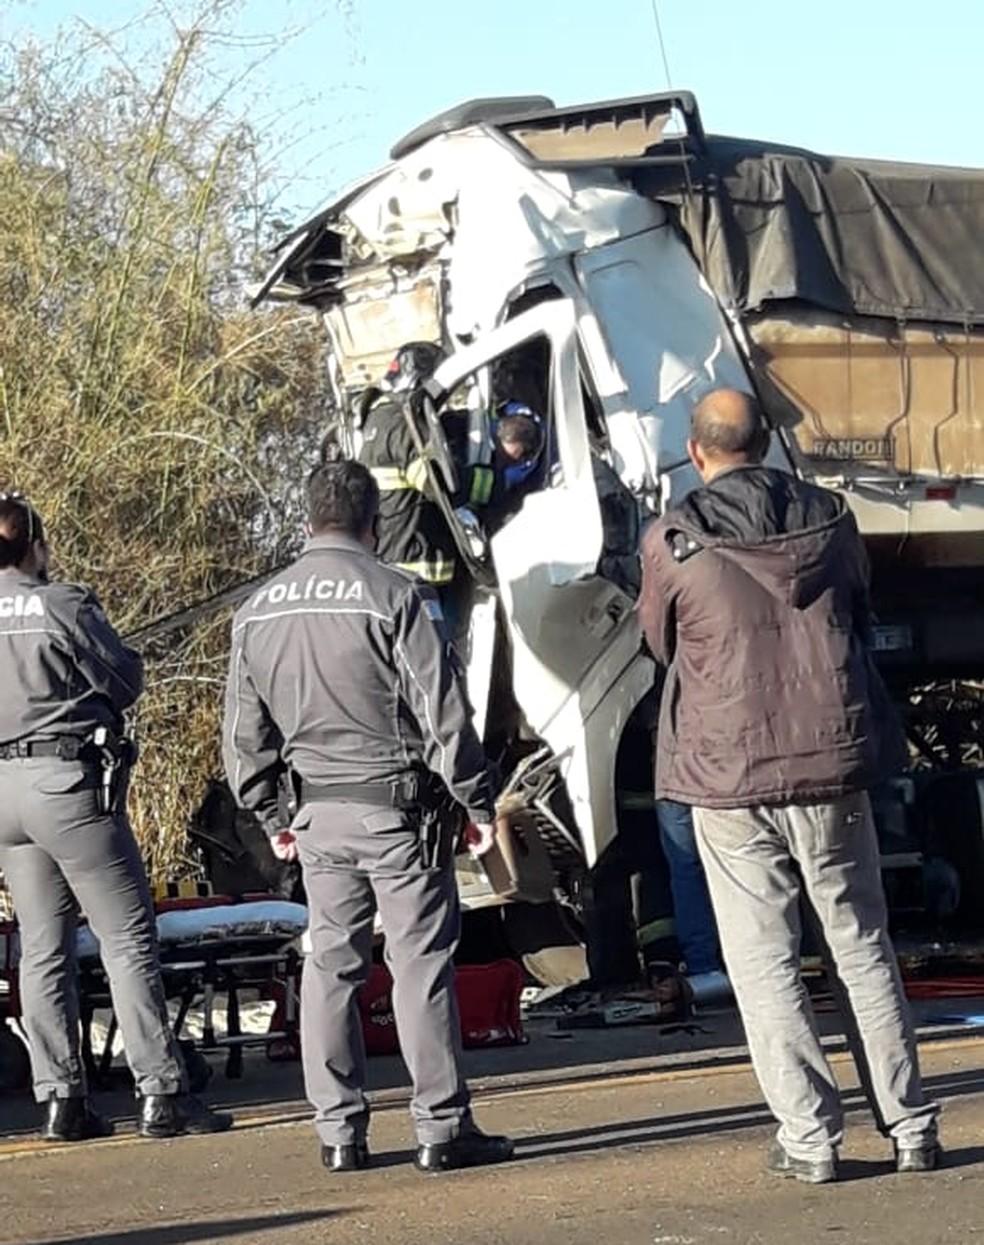 Motorista ficou preso nas ferragens após colisão traseira em Tabatinga — Foto: Arquivo pessoal